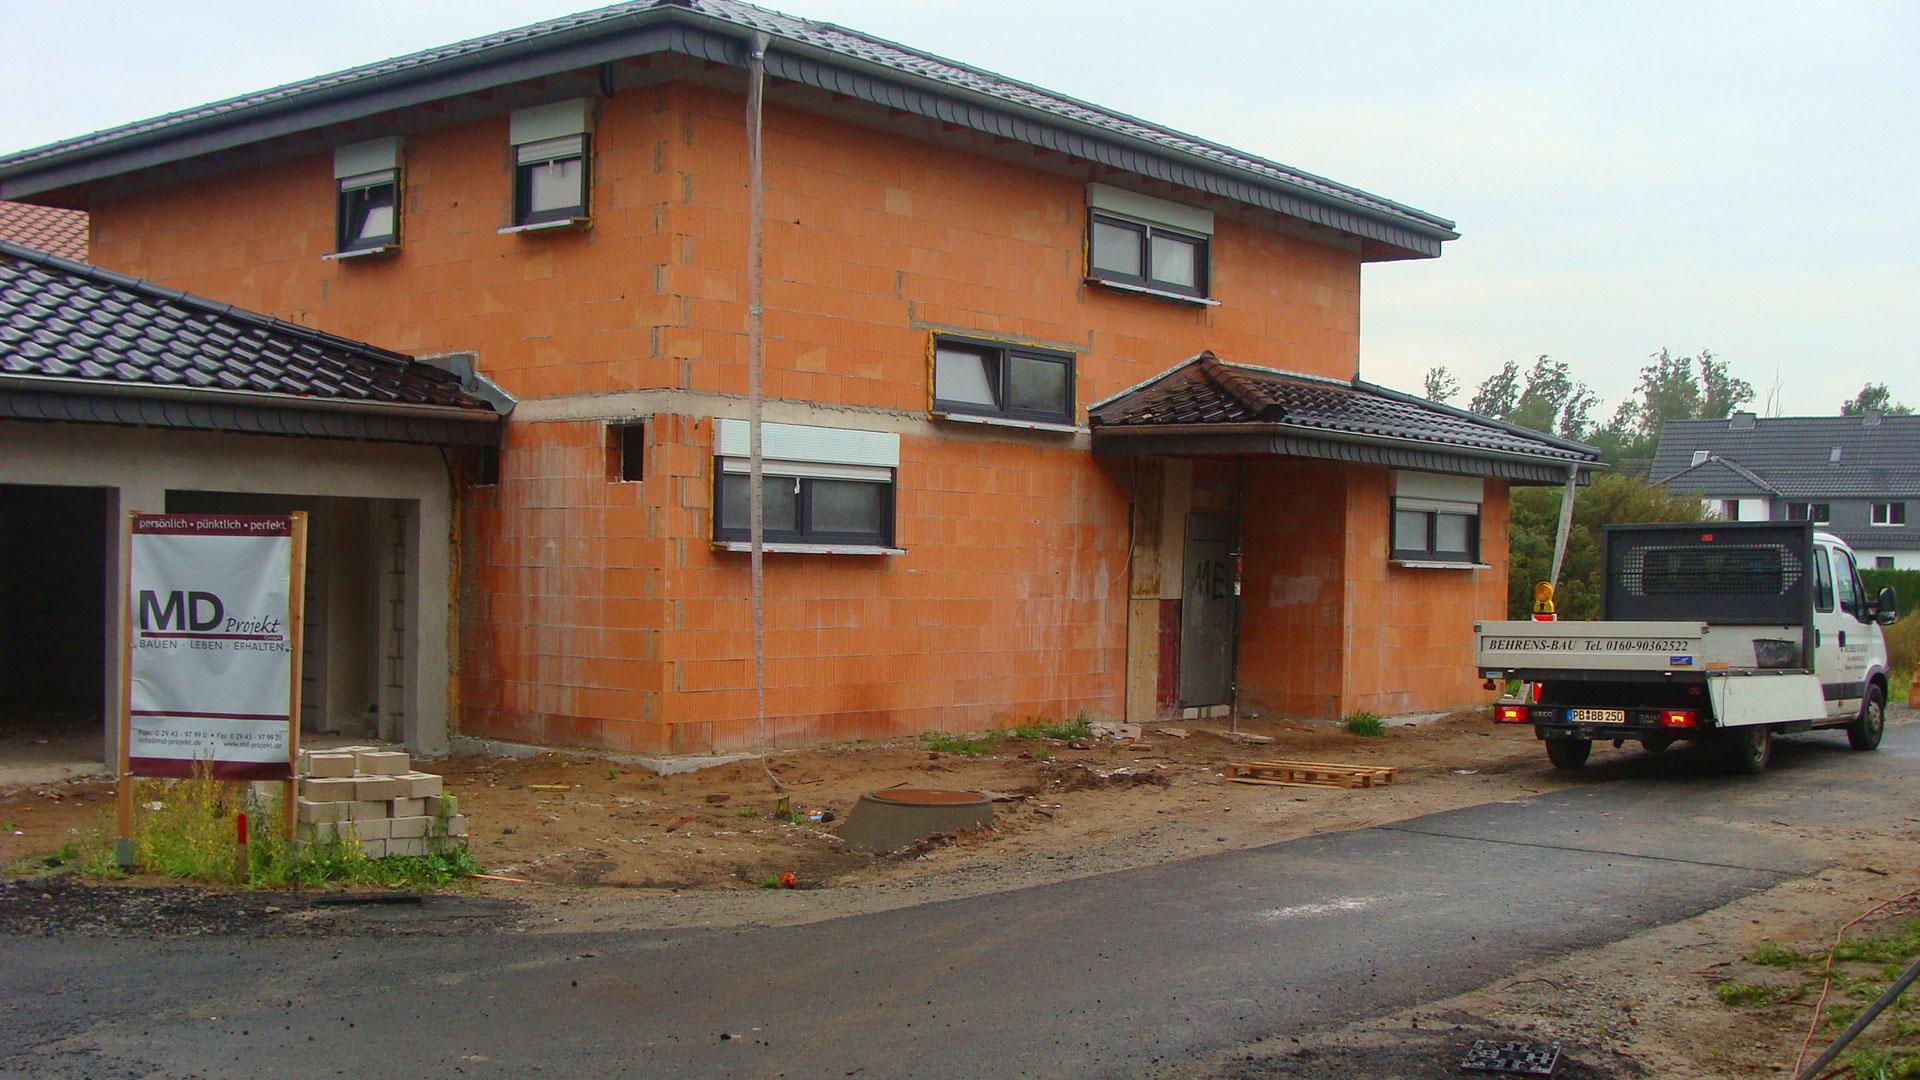 Einfamilienhaus in Lipperbruch